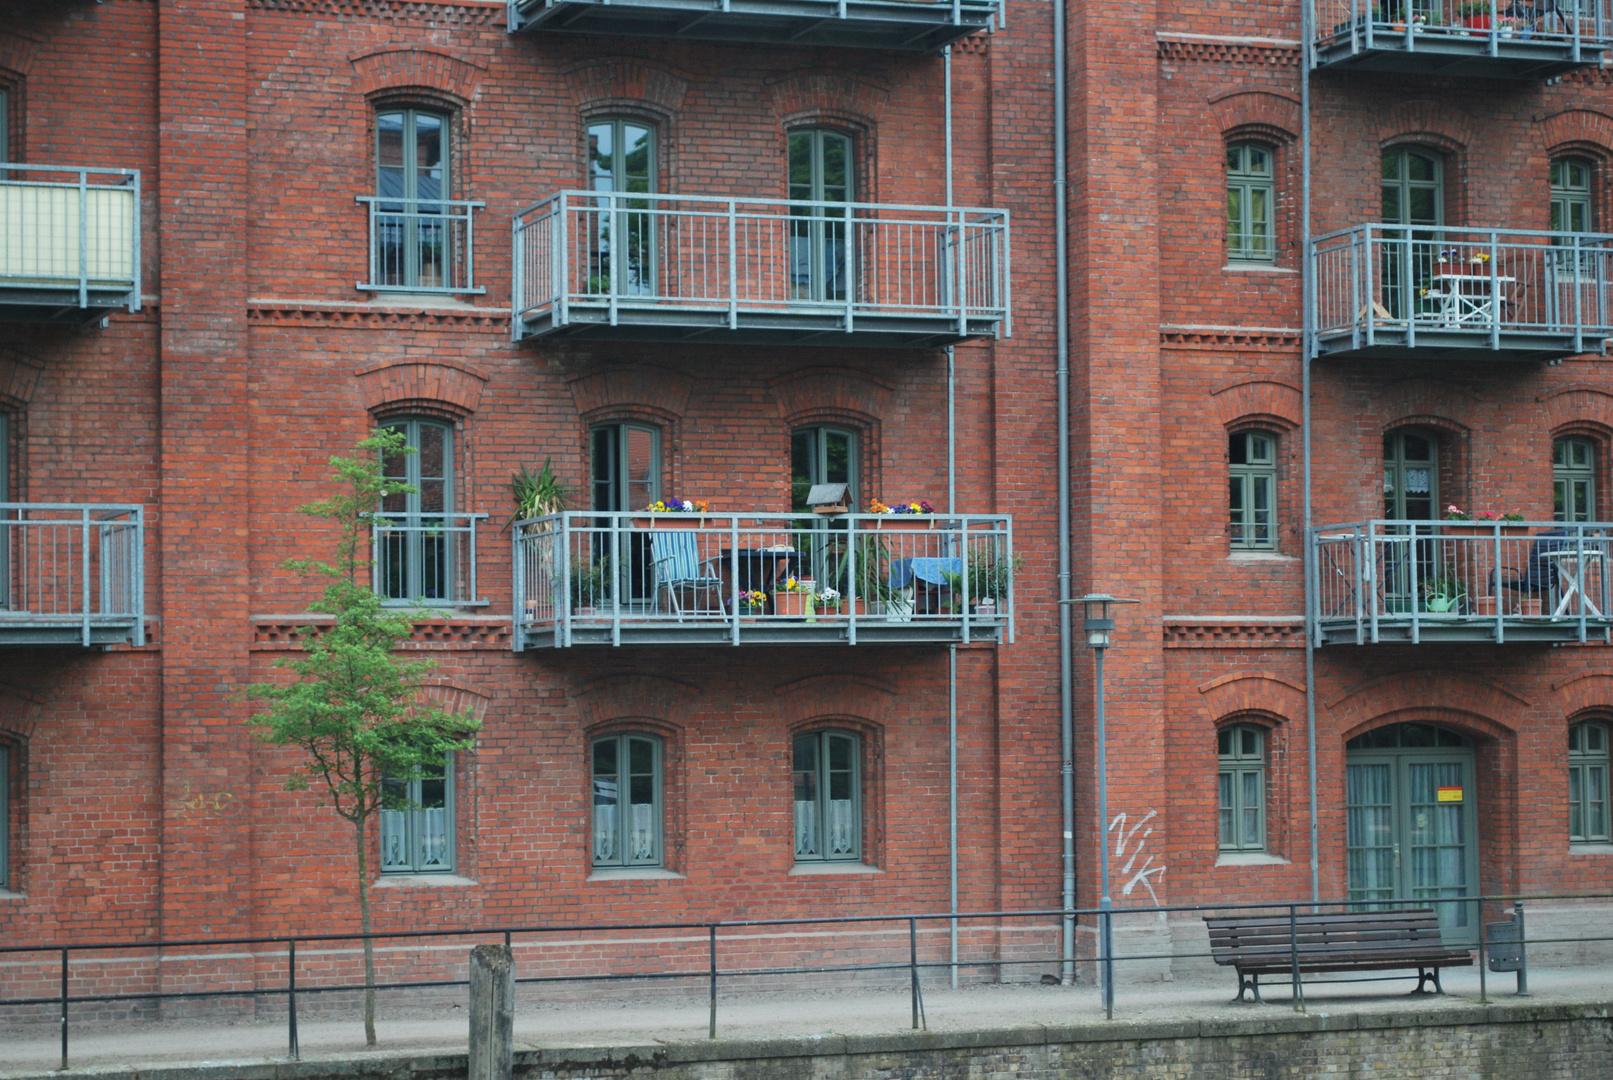 Neues Leben in alten Mauern (Brandenburg) 2